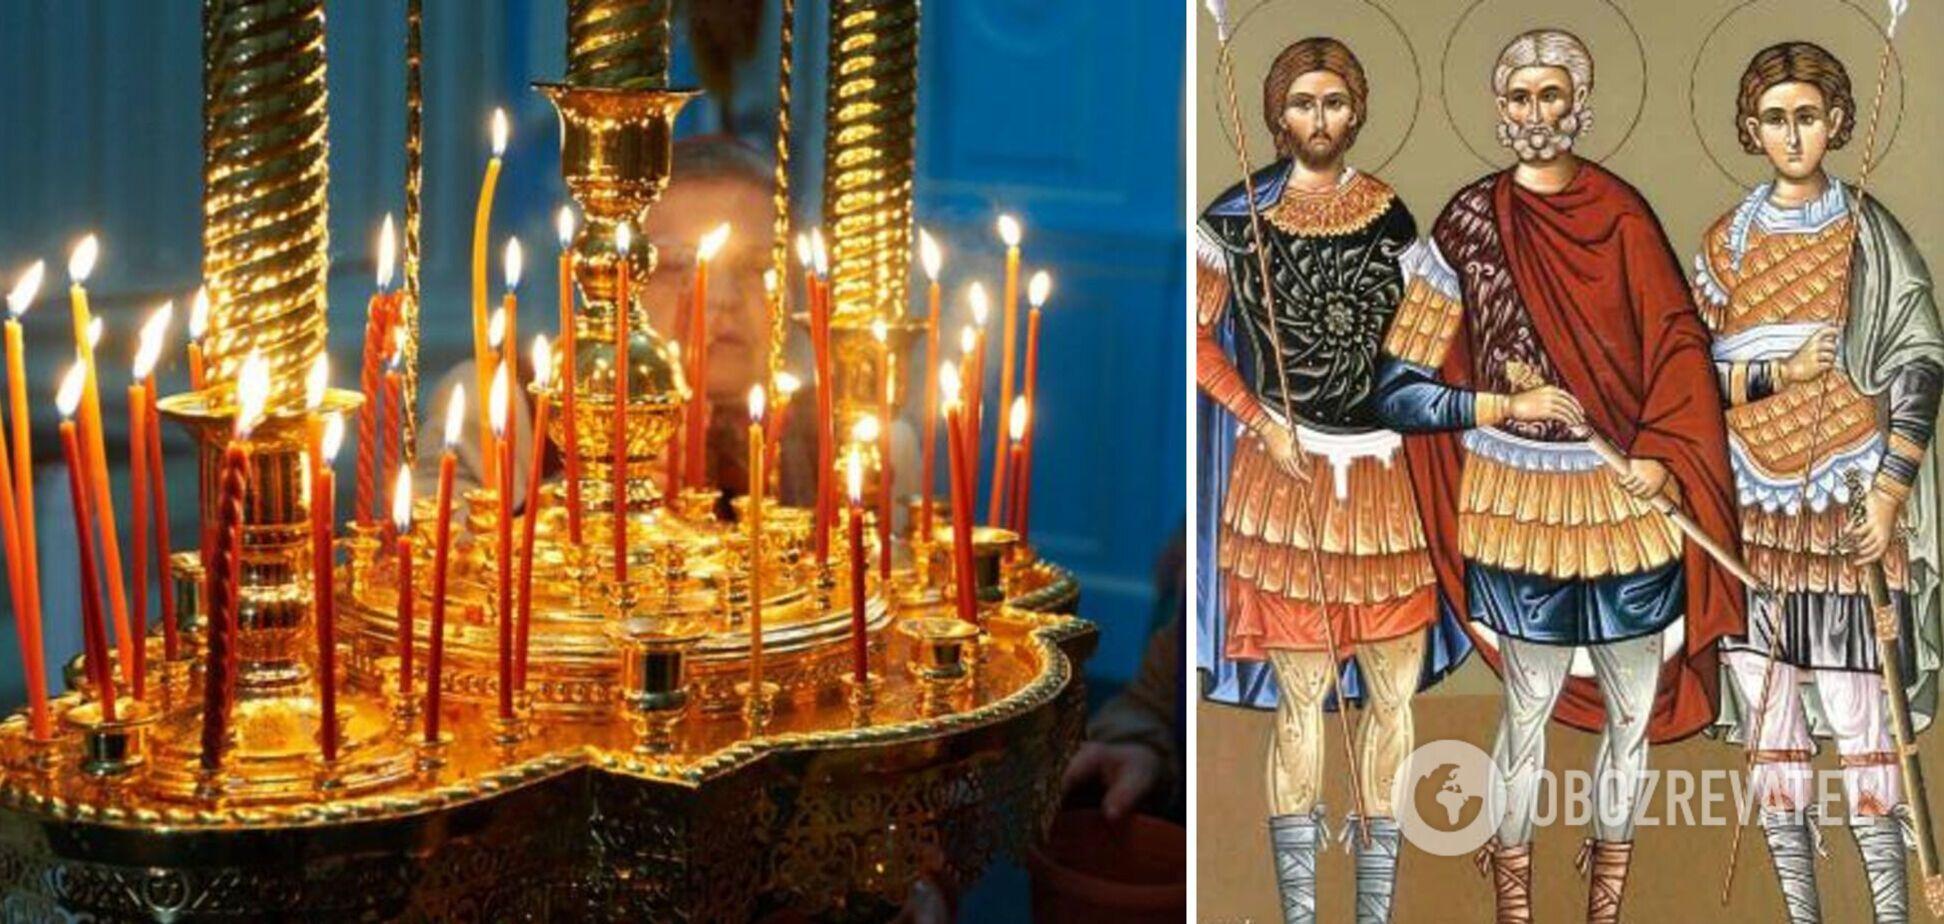 25 жовтня: яке свято, що не можна робити на Прова, Тараха і Андроніка, прикмети й іменинники